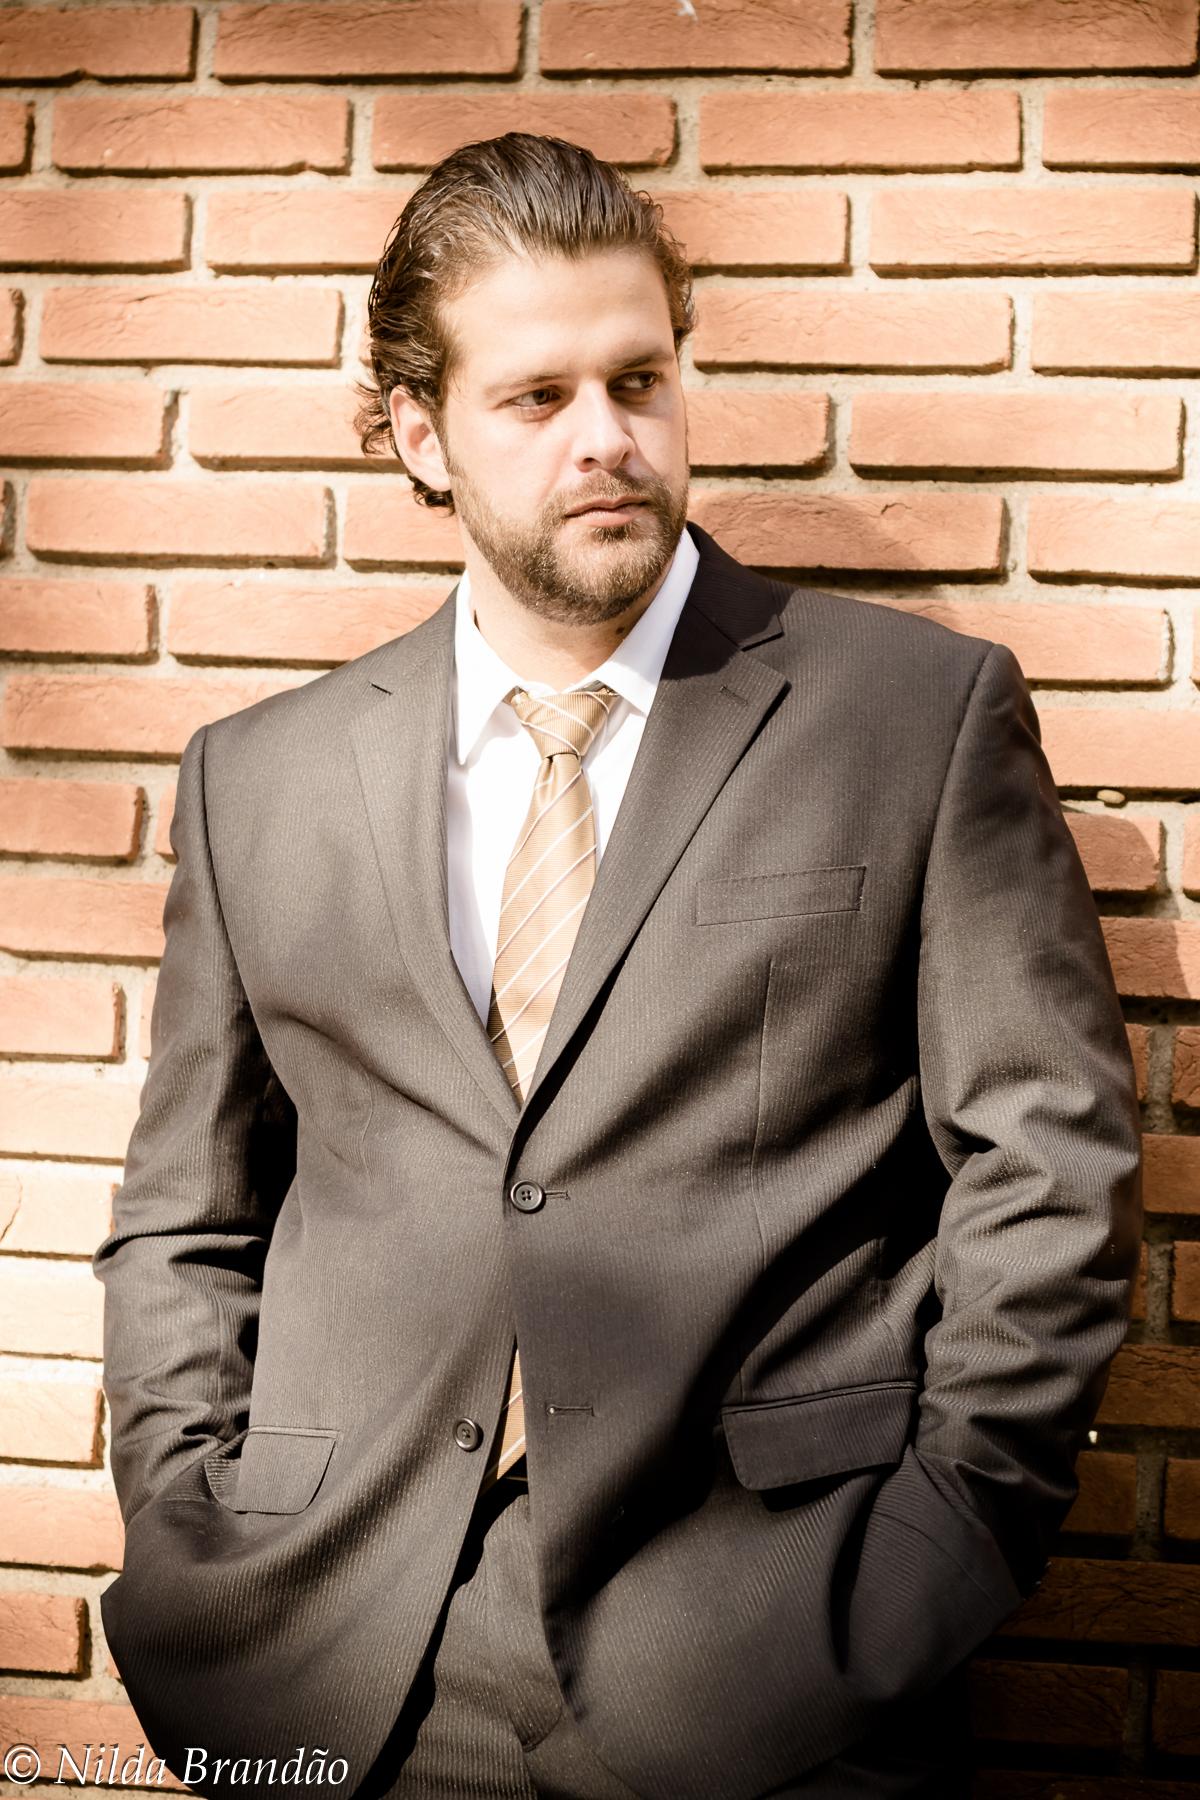 Homem em ensaio fotográfico, usando terno no fundo de parede de tijolos